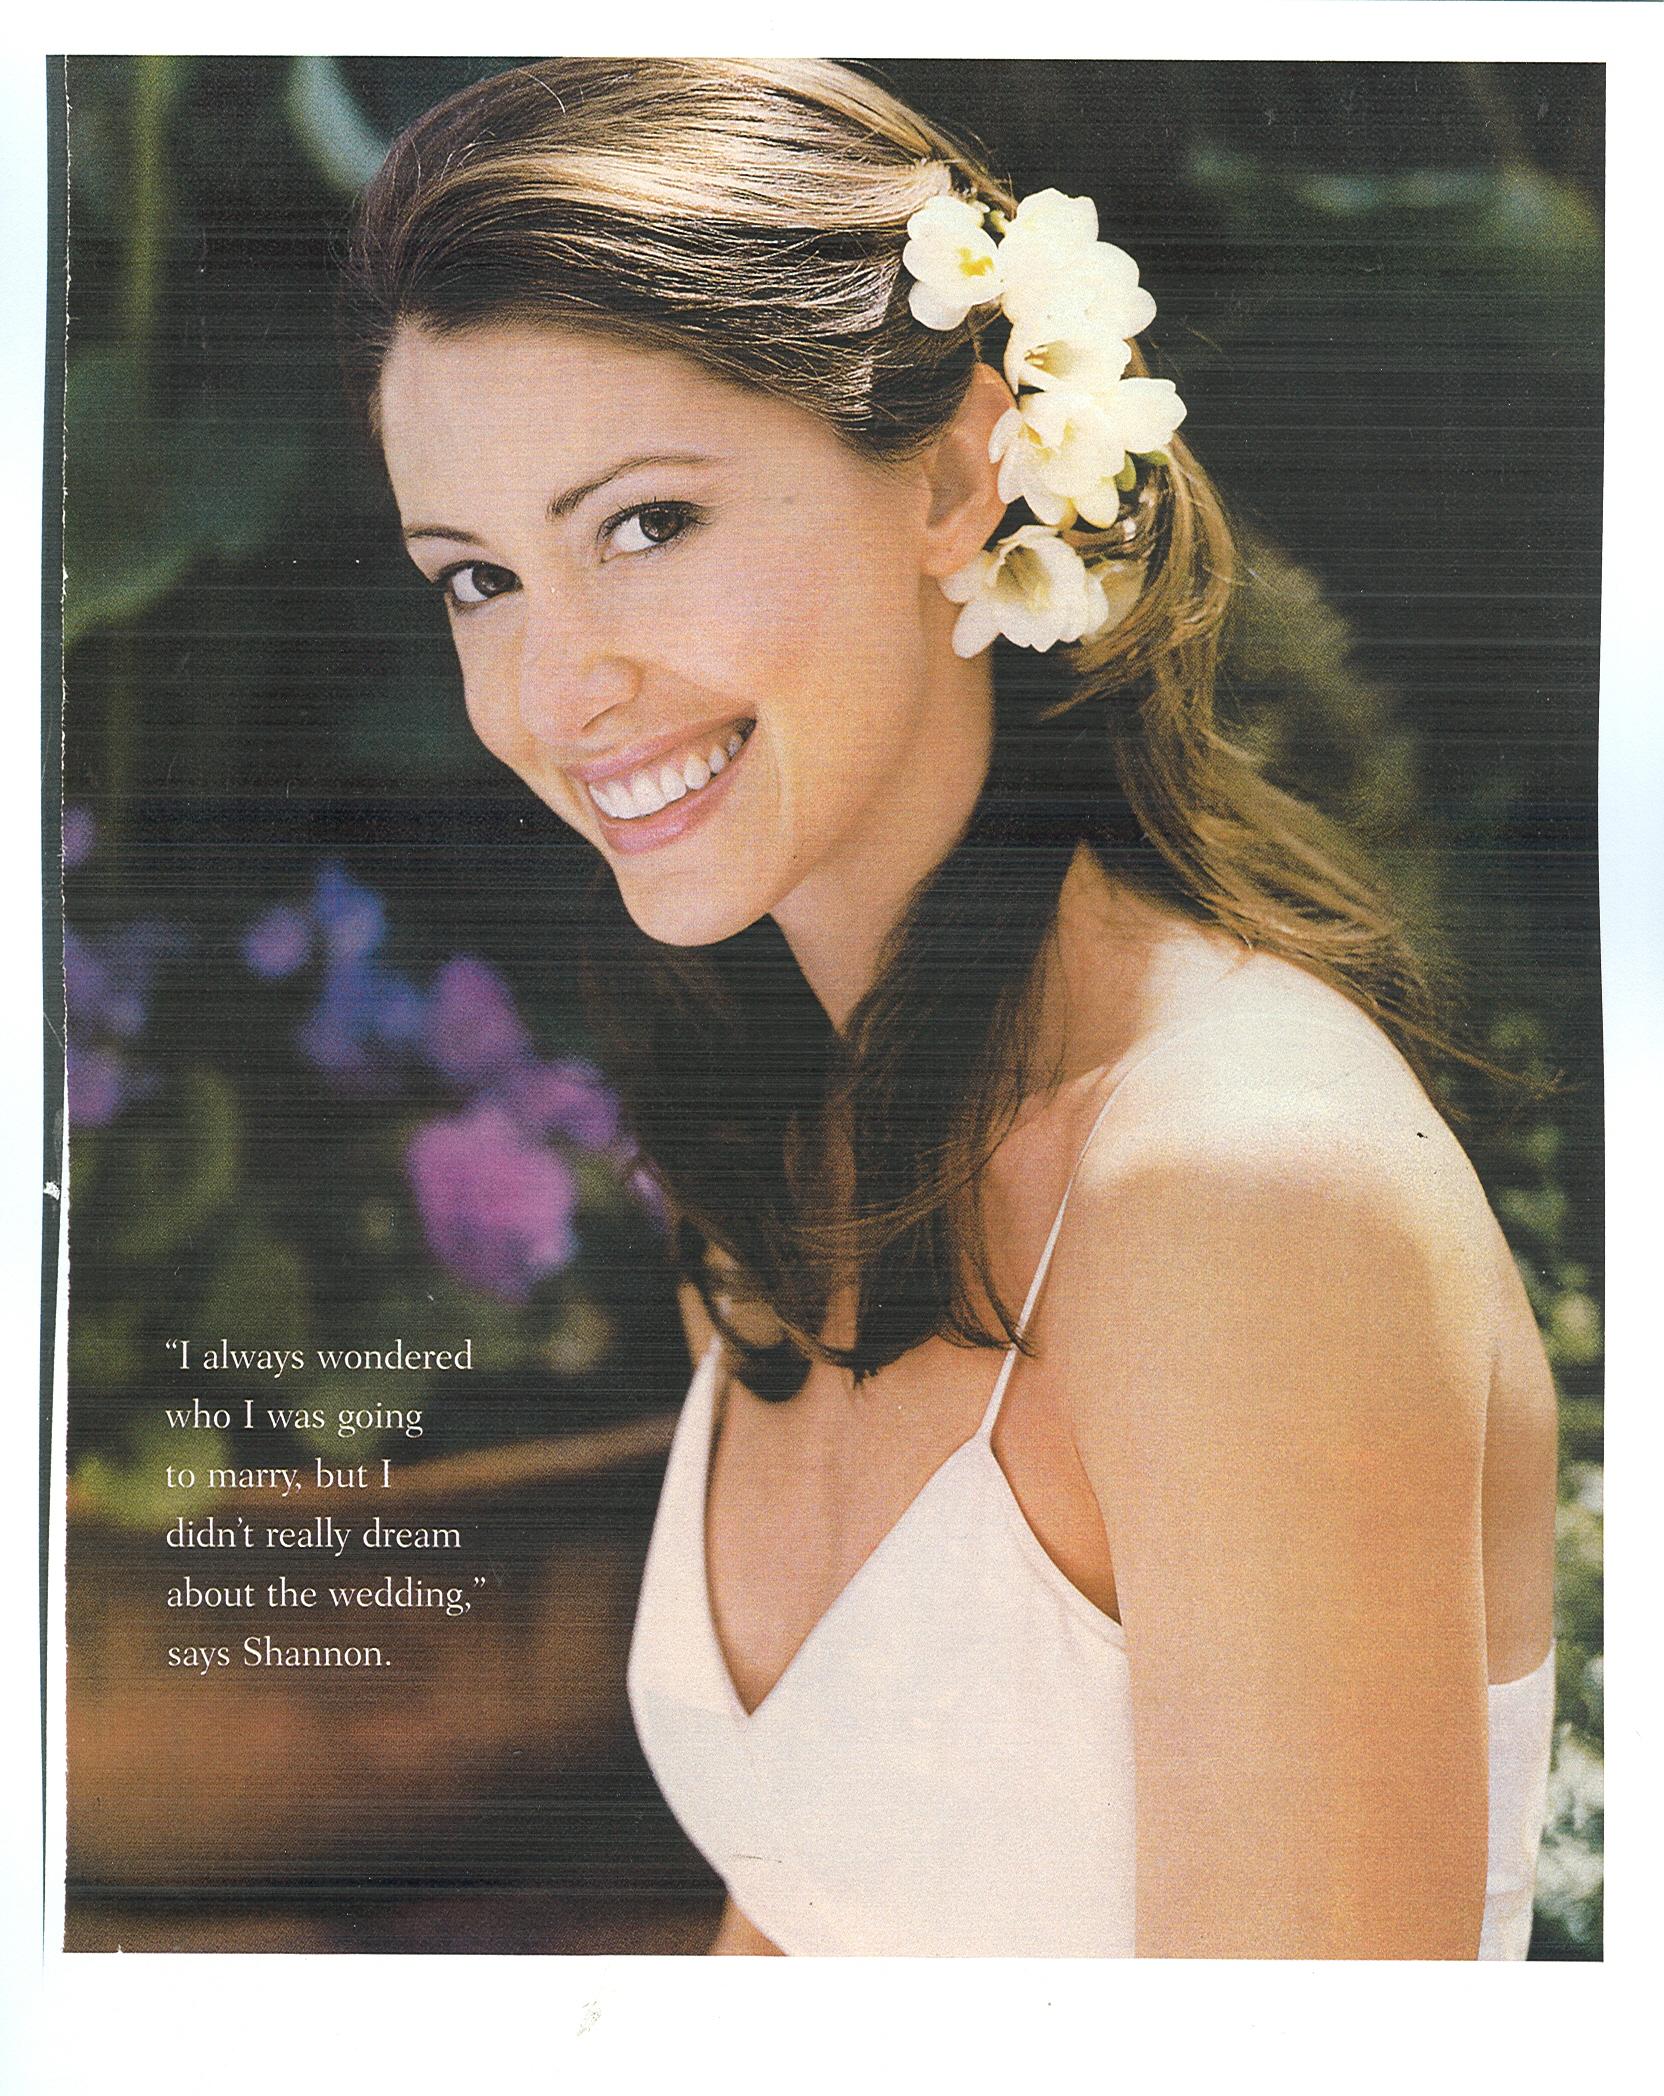 SE_InStyle Weddings_Summer 2002_7.jpg